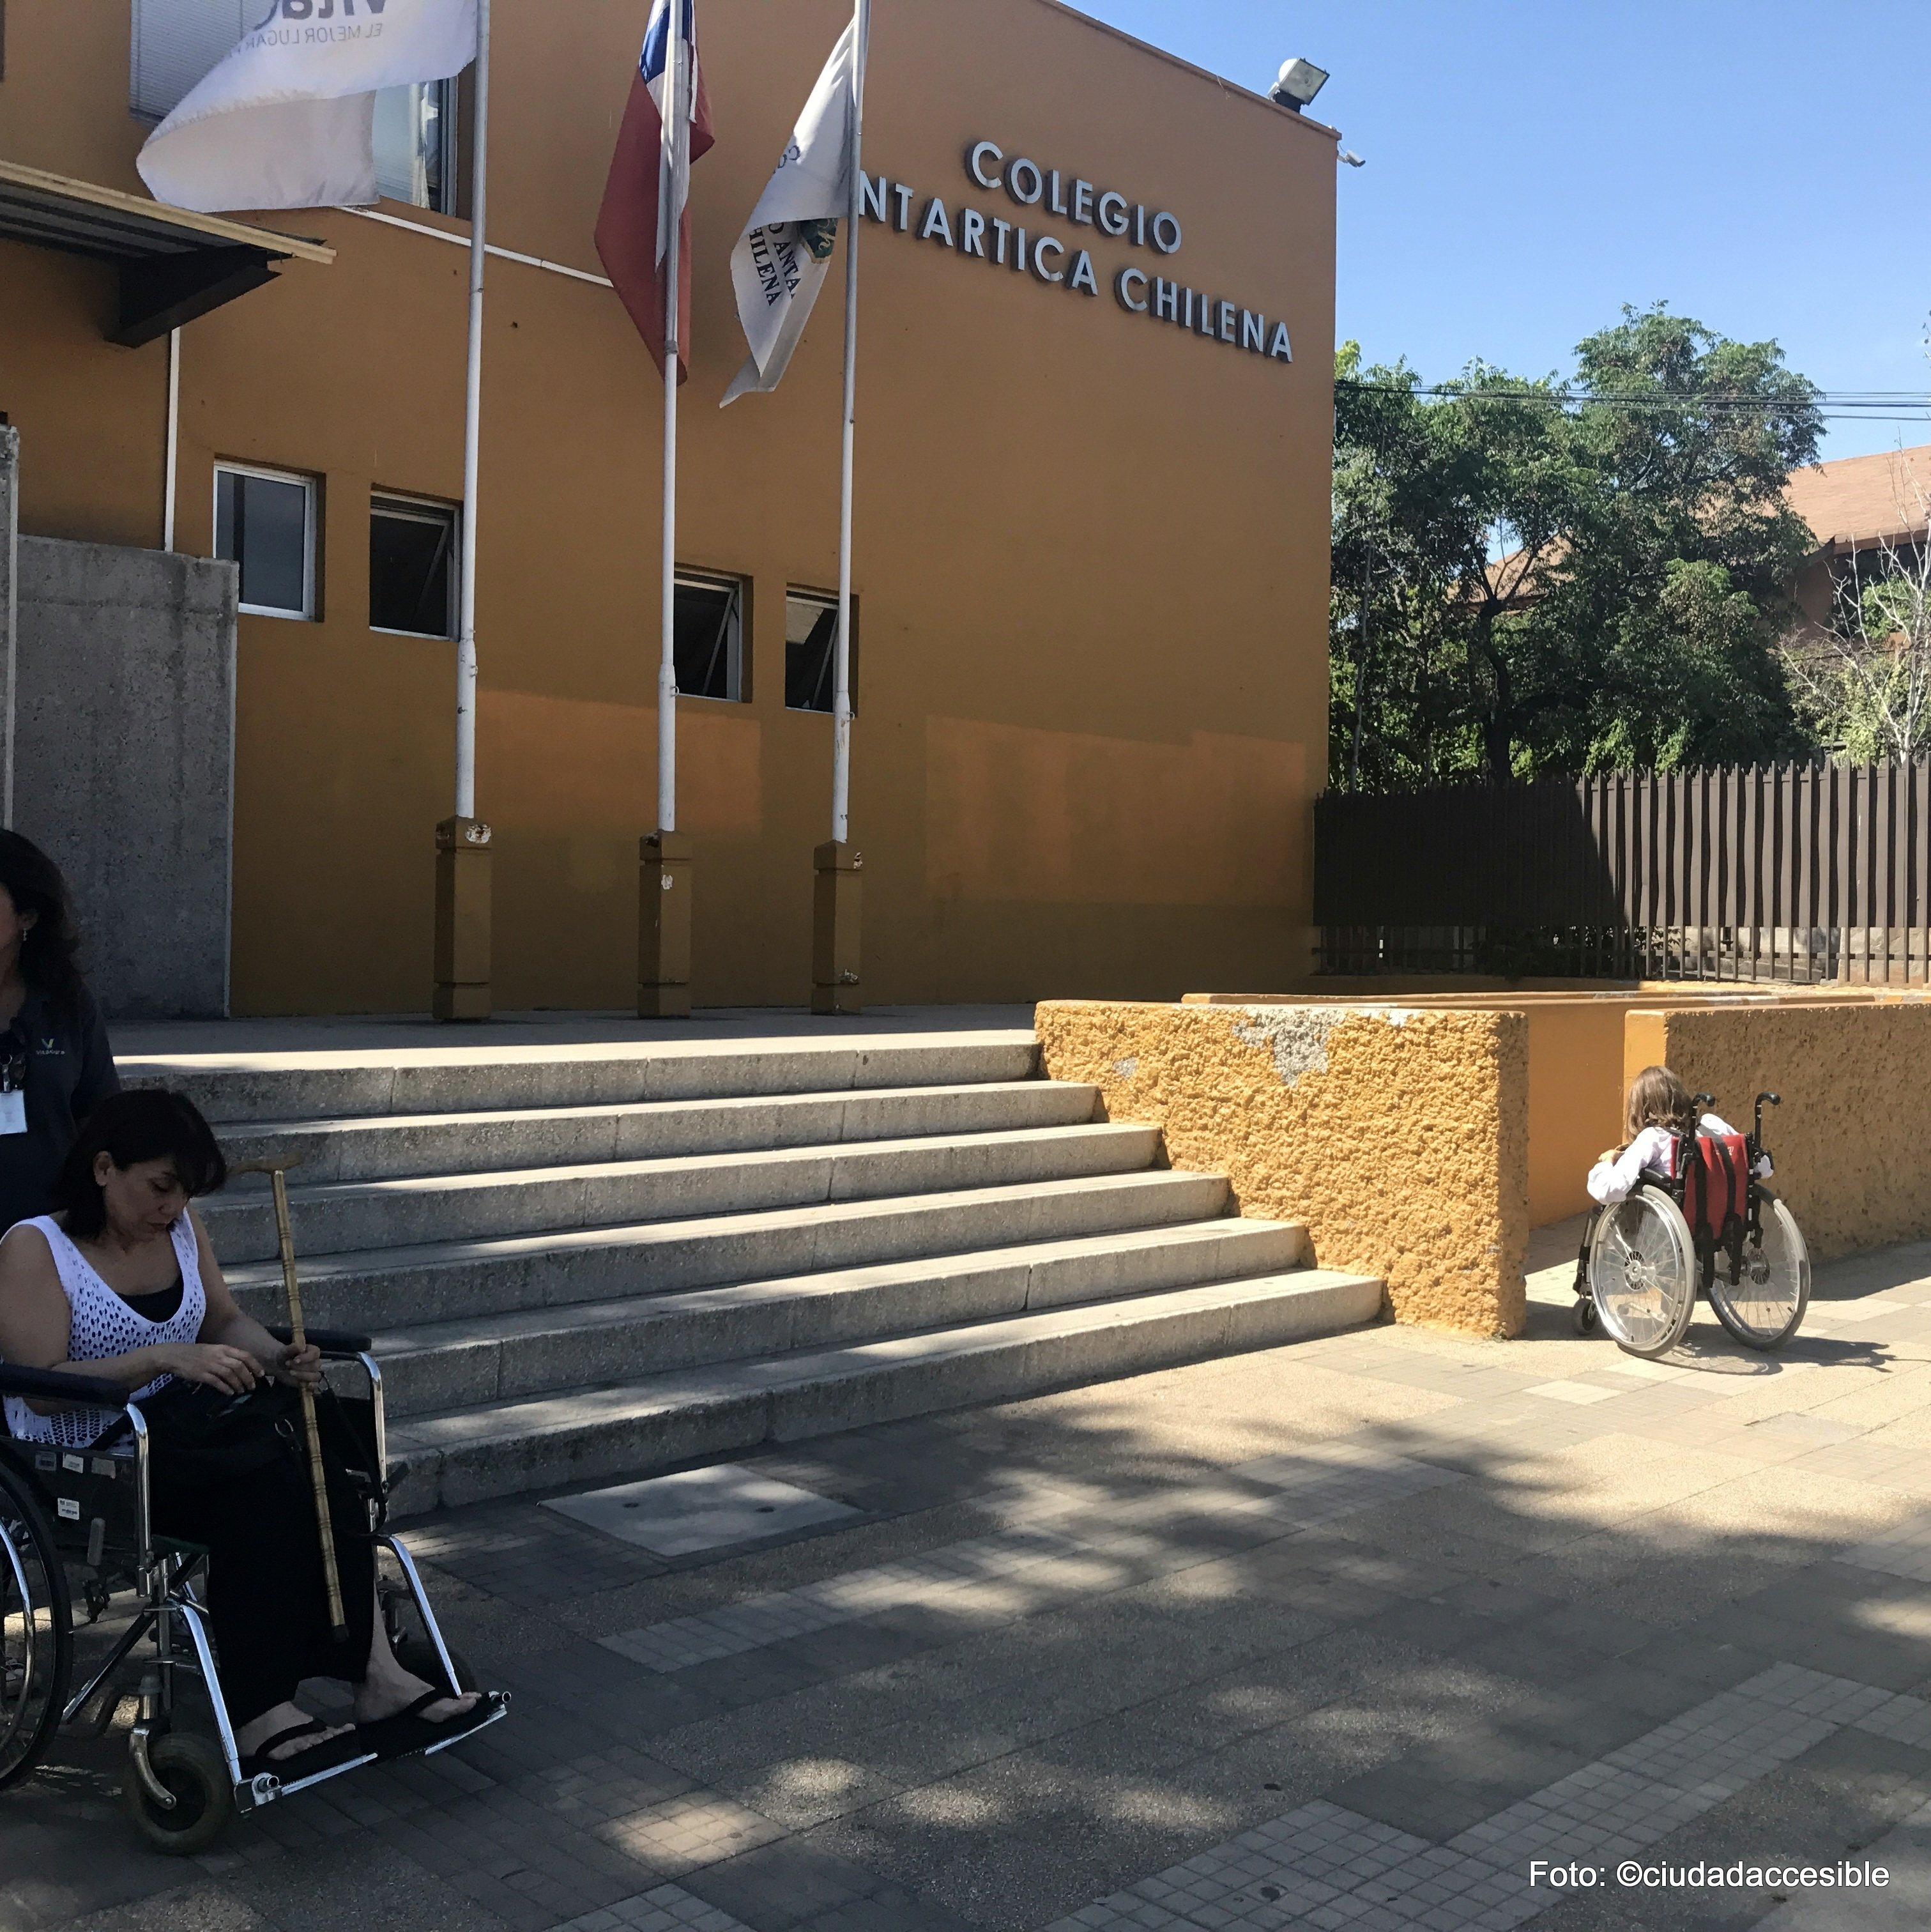 dos personas en silla de ruedas que pueden ingresar al colegio donde tienen que votar